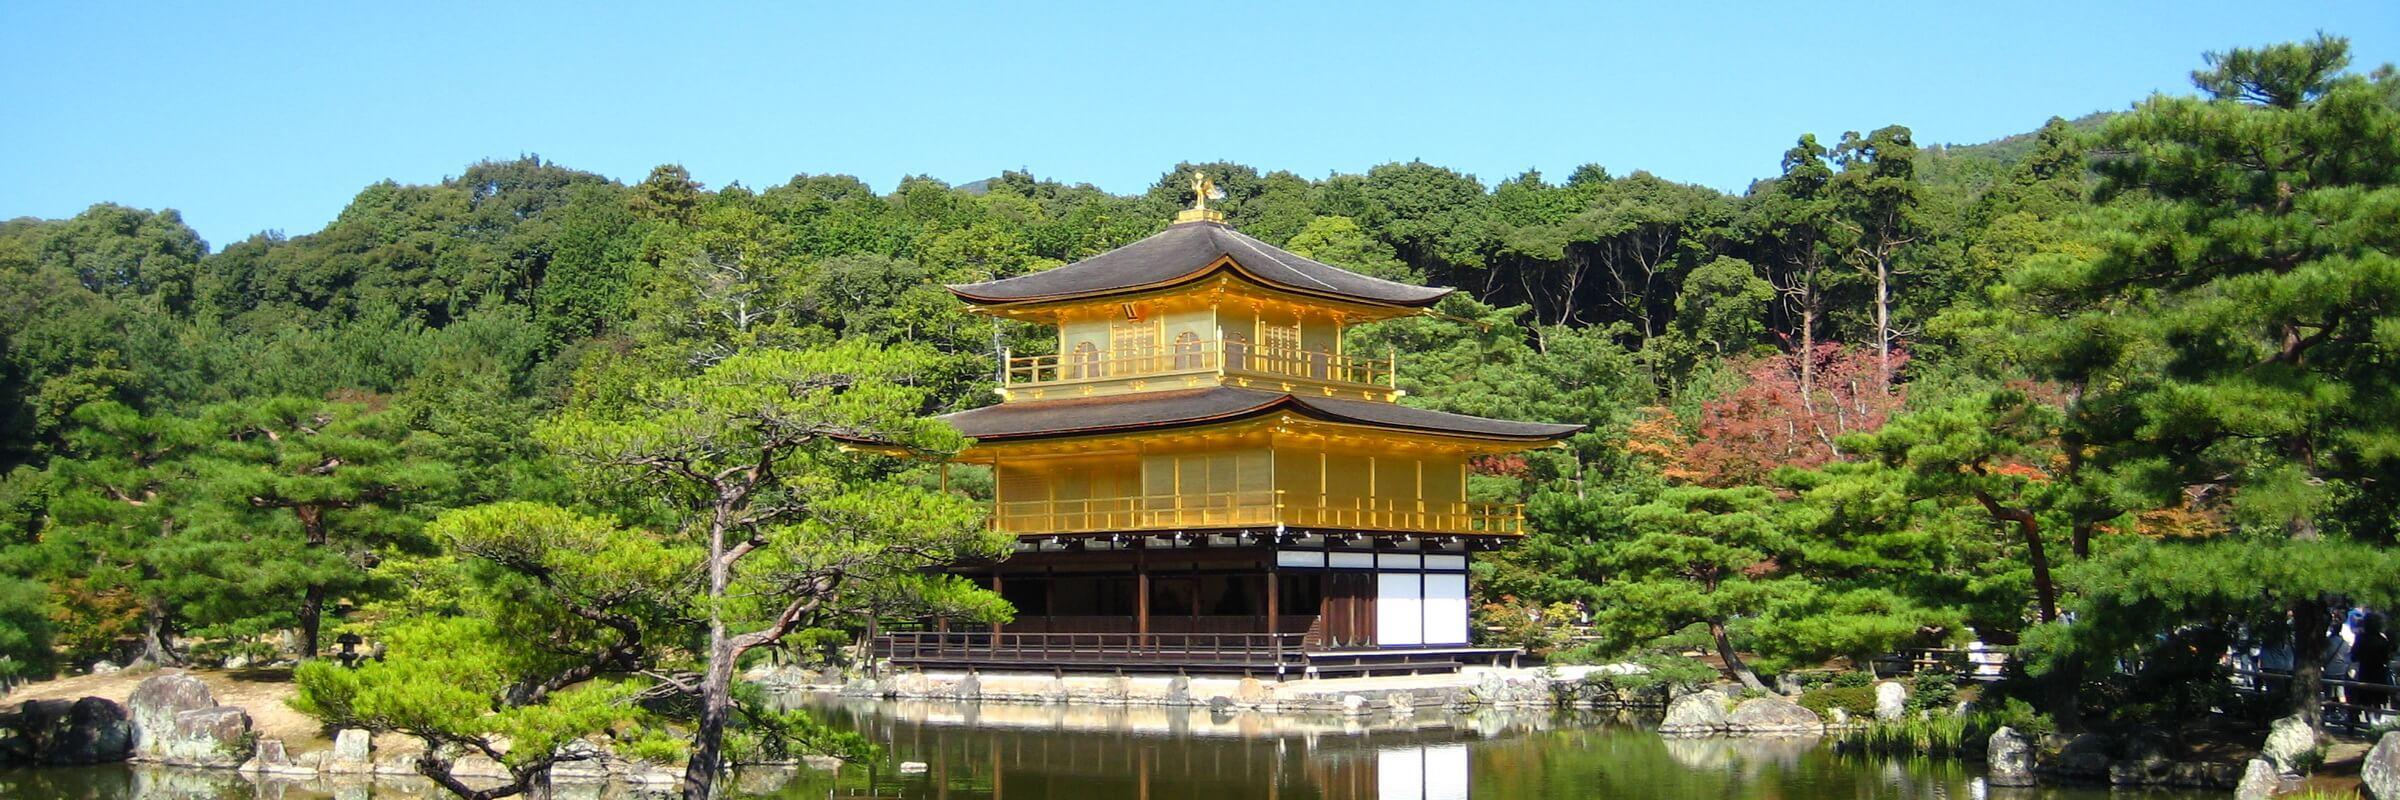 Der Besuch der Anlage des Goldenen Pavillons ist ein Höhepunkt unter einer Fülle an Kulturgütern in der ehemaligen Kaiserstadt Kyoto.